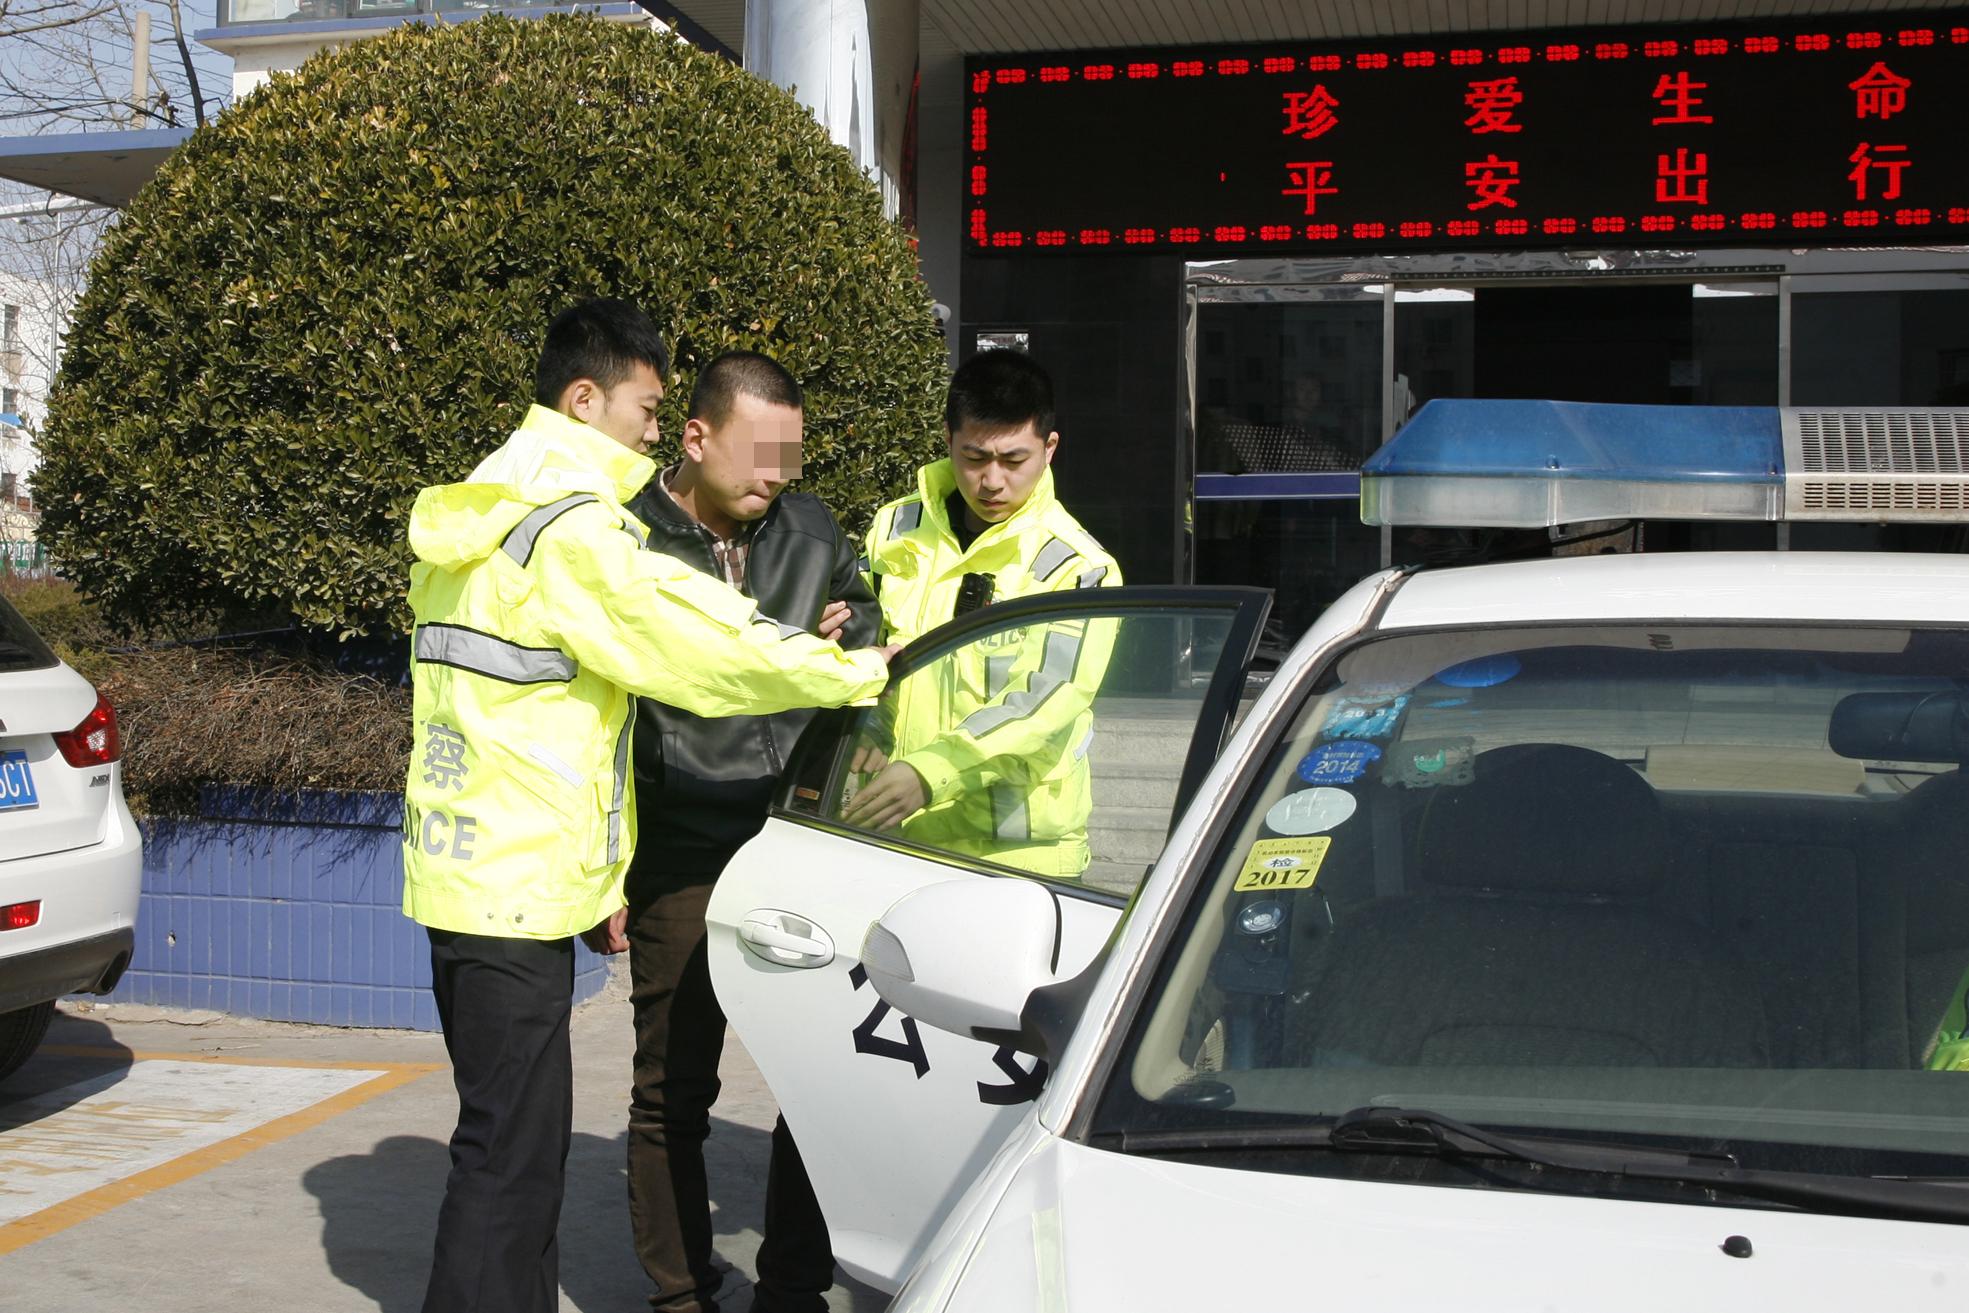 青岛公布今年第四批终生禁驾名单 撞人后趁大雾逃跑上榜